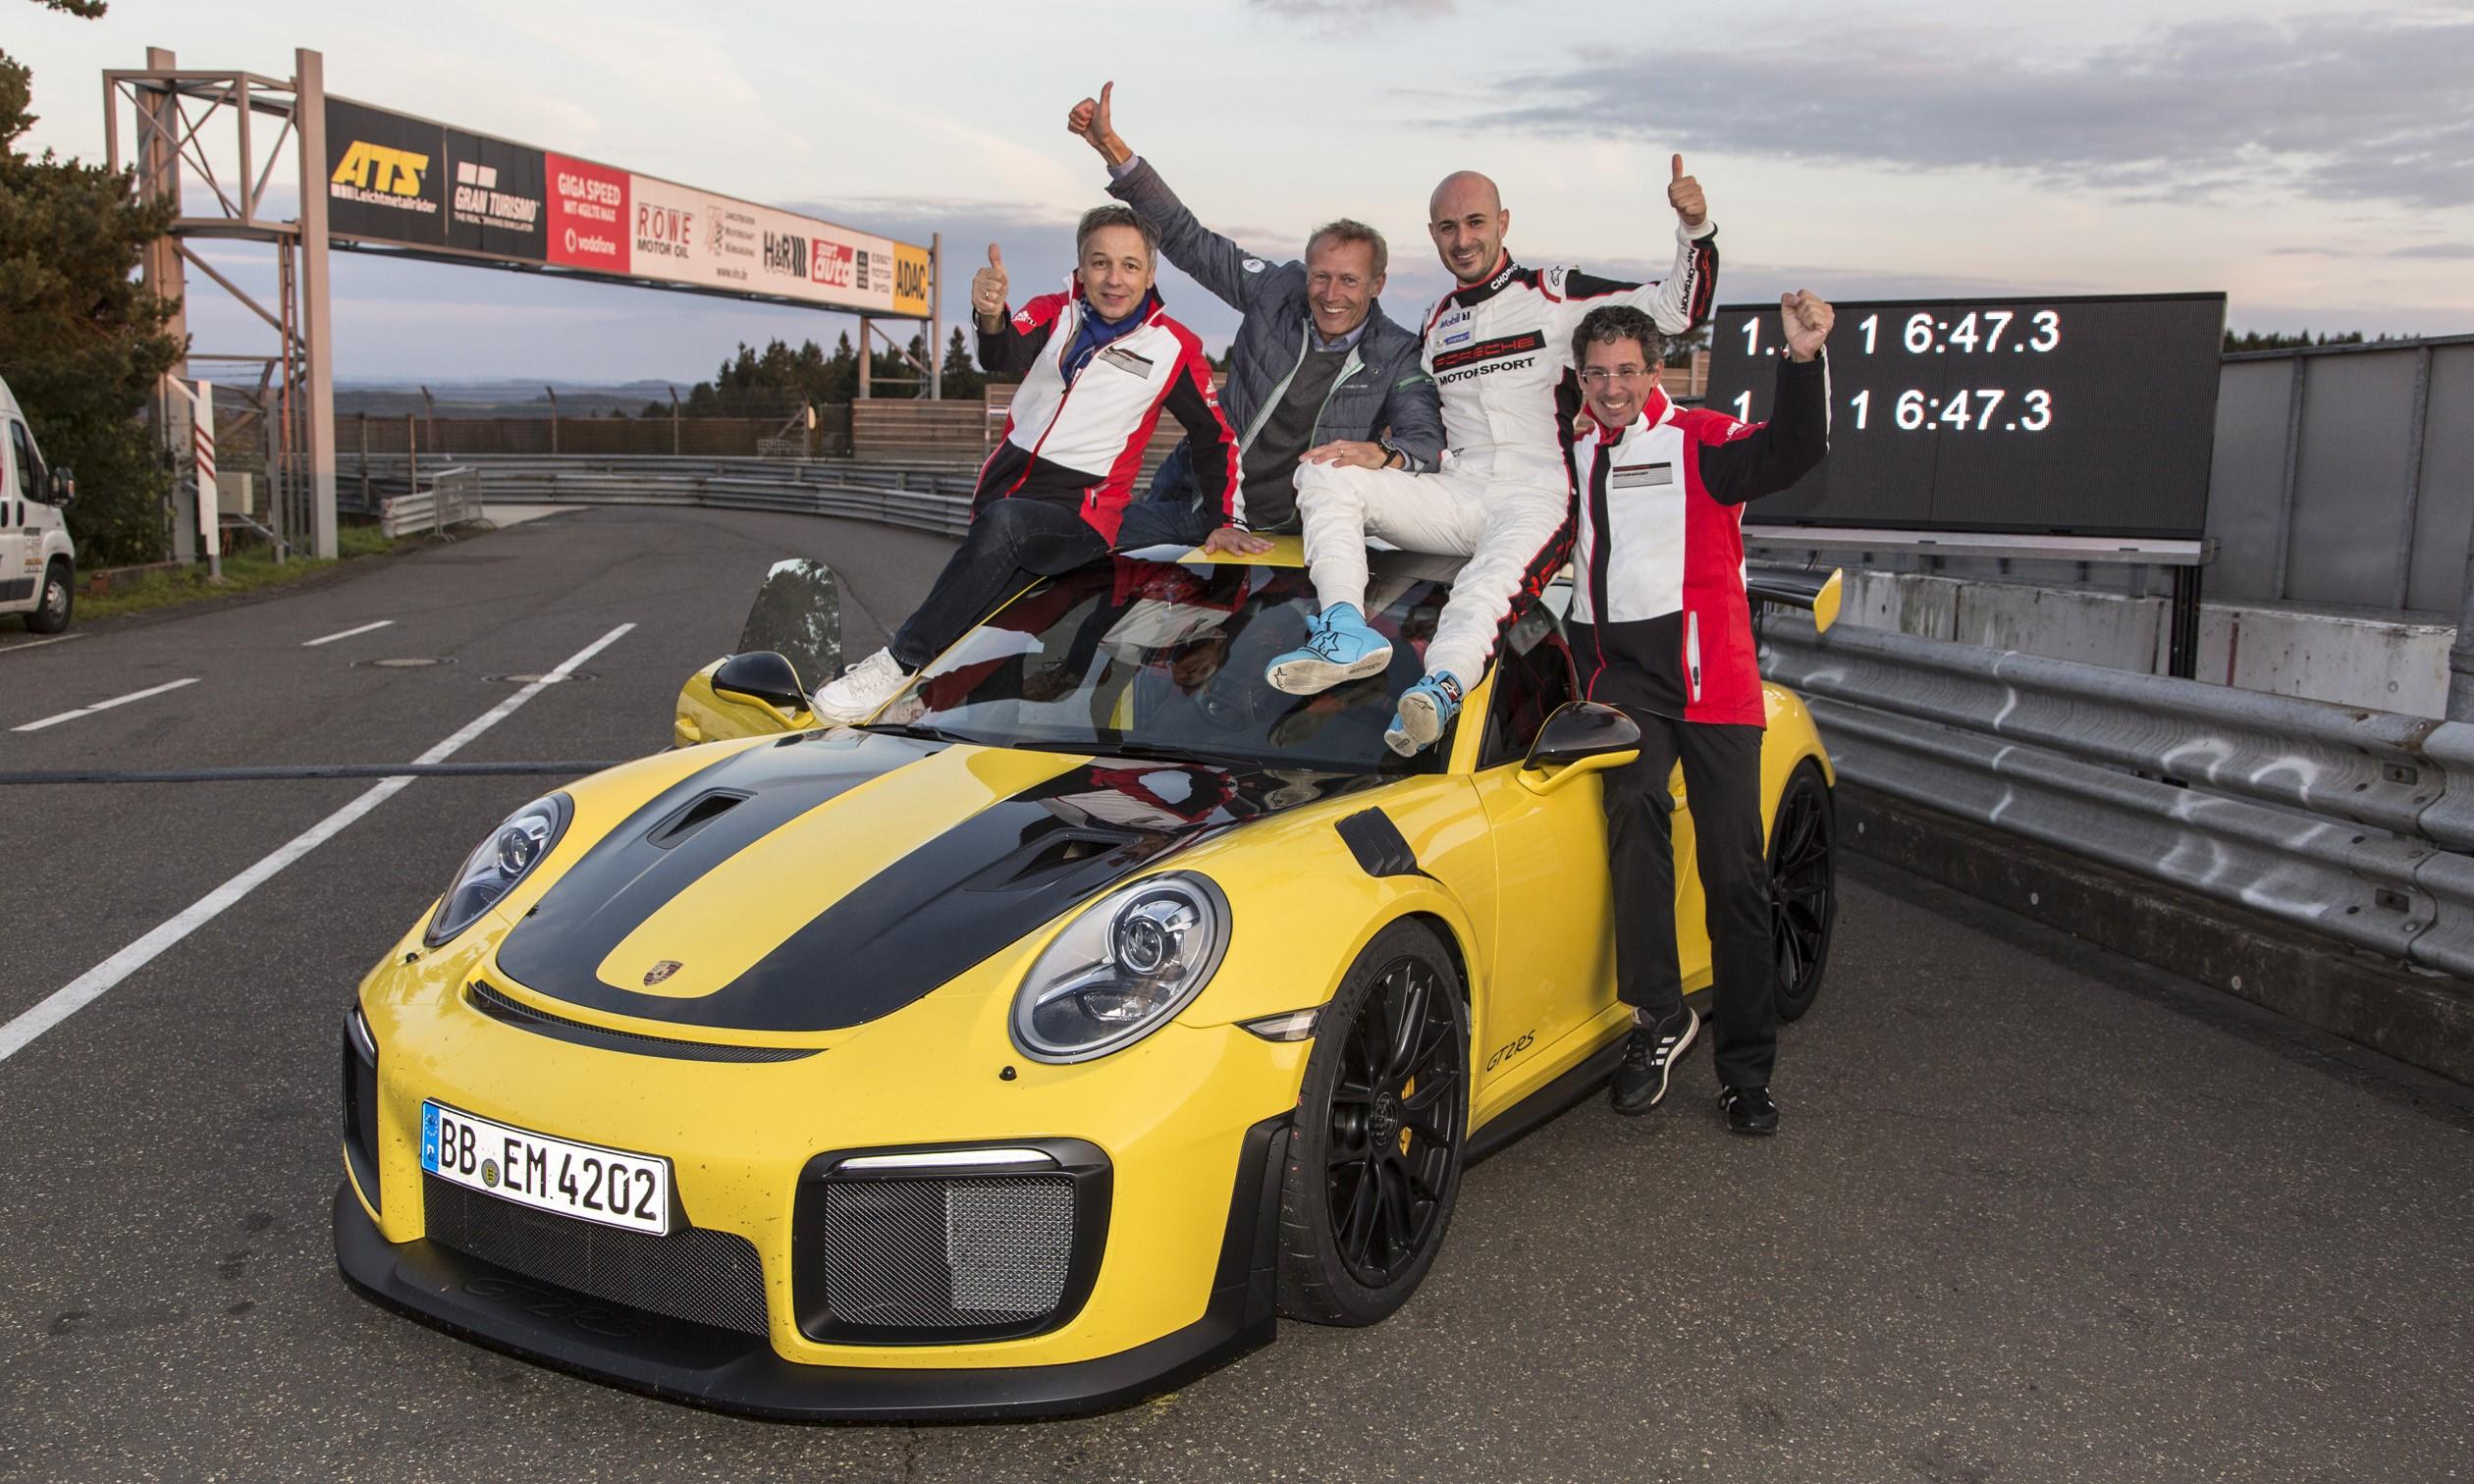 Porsche-911-GT2-RS-Nurburgring-lap-5 Cozy Porsche 911 Gt2 Rs Nürburgring Cars Trend